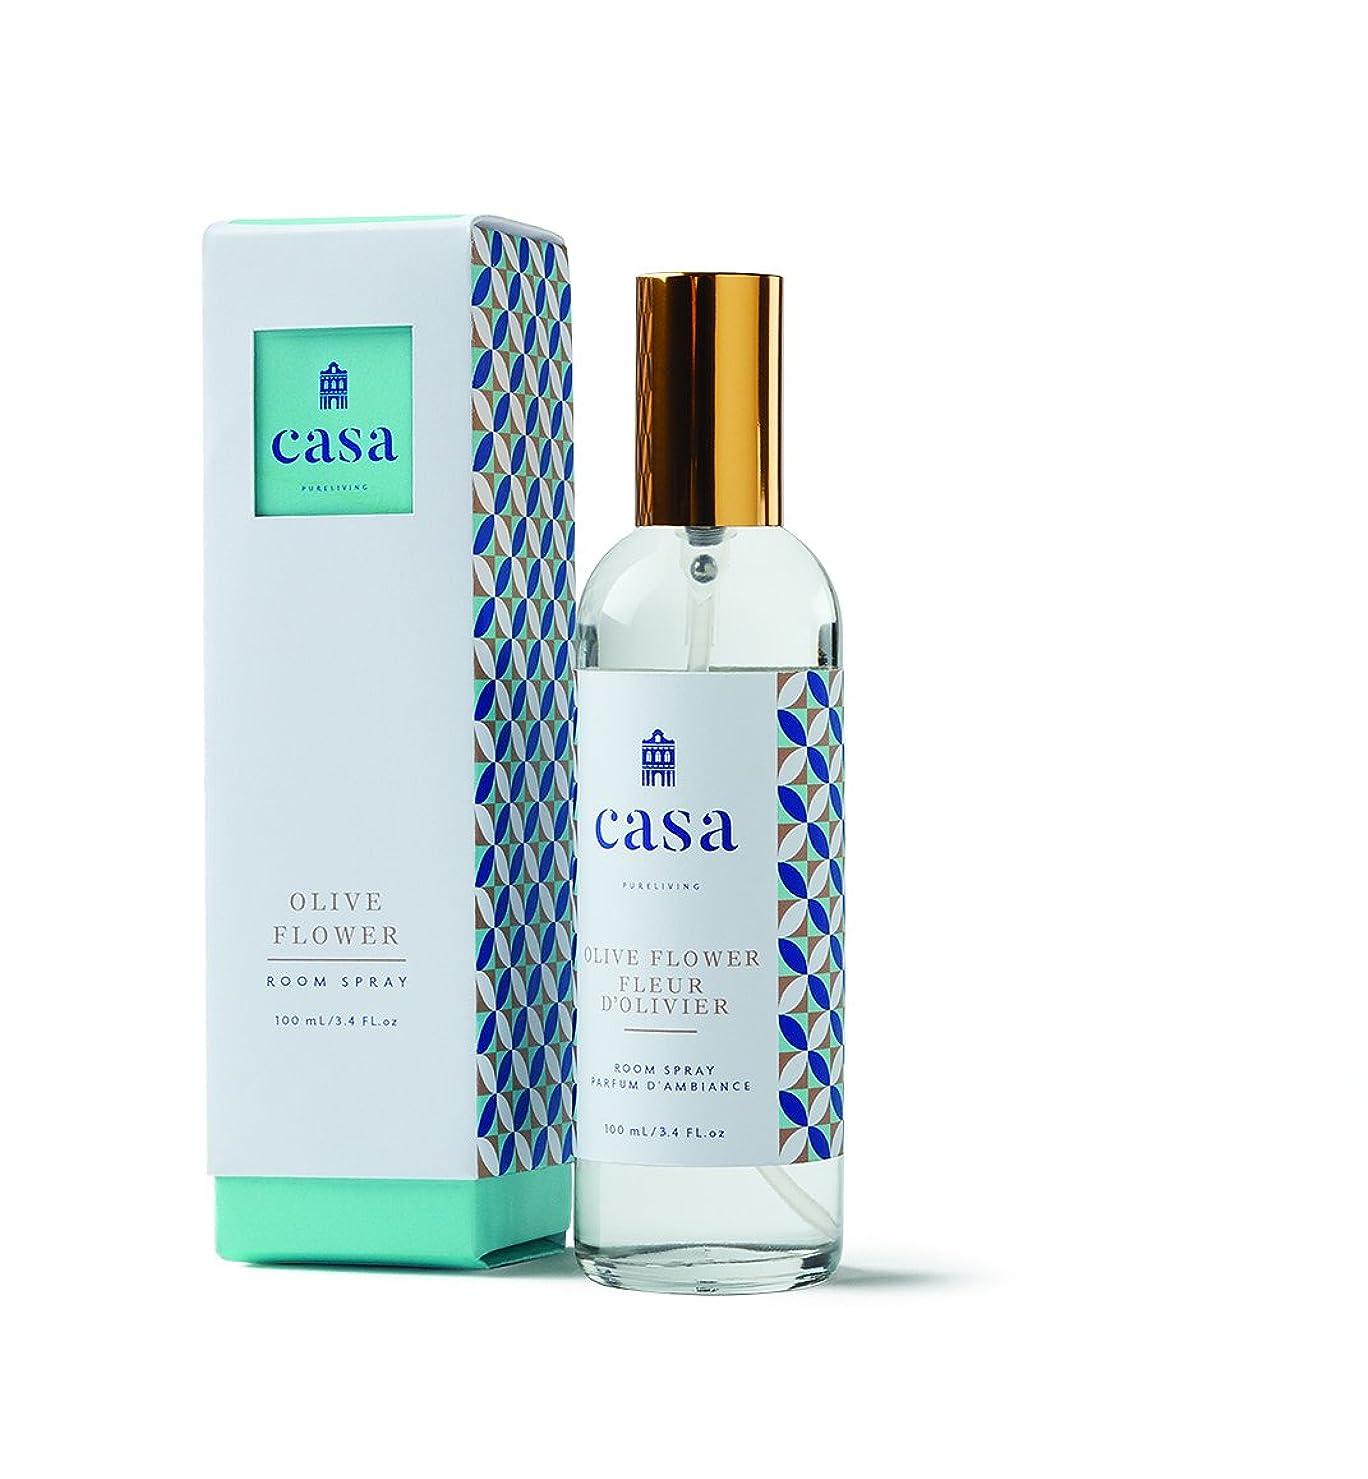 CASA カーサ ルームスプレー グリーン フレッシュバジル & オリーブ Room Spray Fresh Basil & Olive ピュアリビング Pureliving